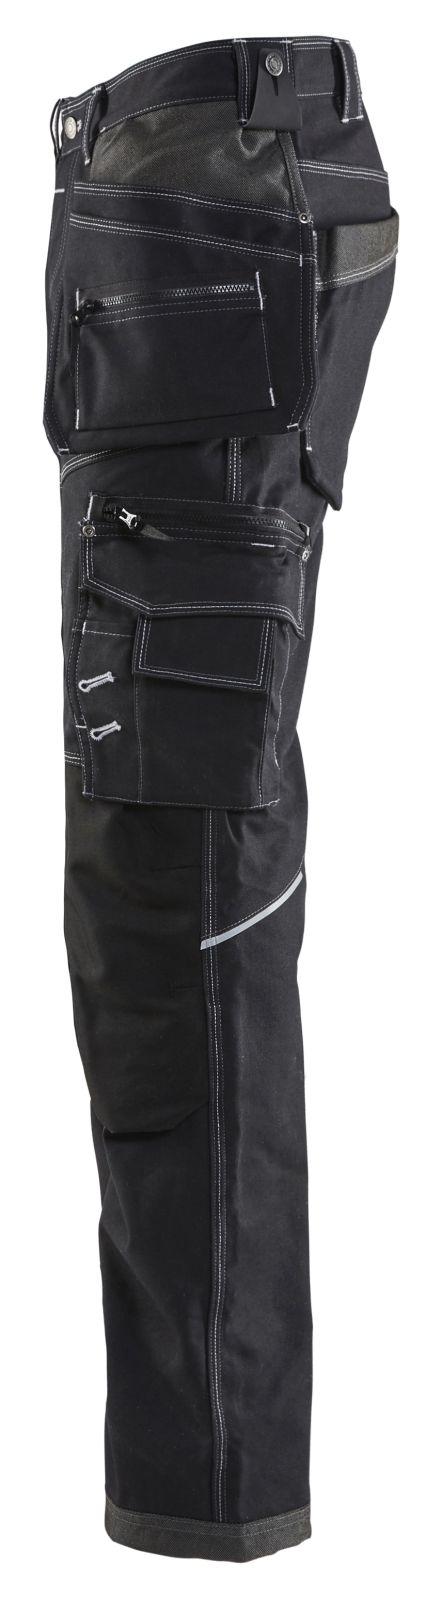 Blaklader Broeken 19601145 zwart(9900)